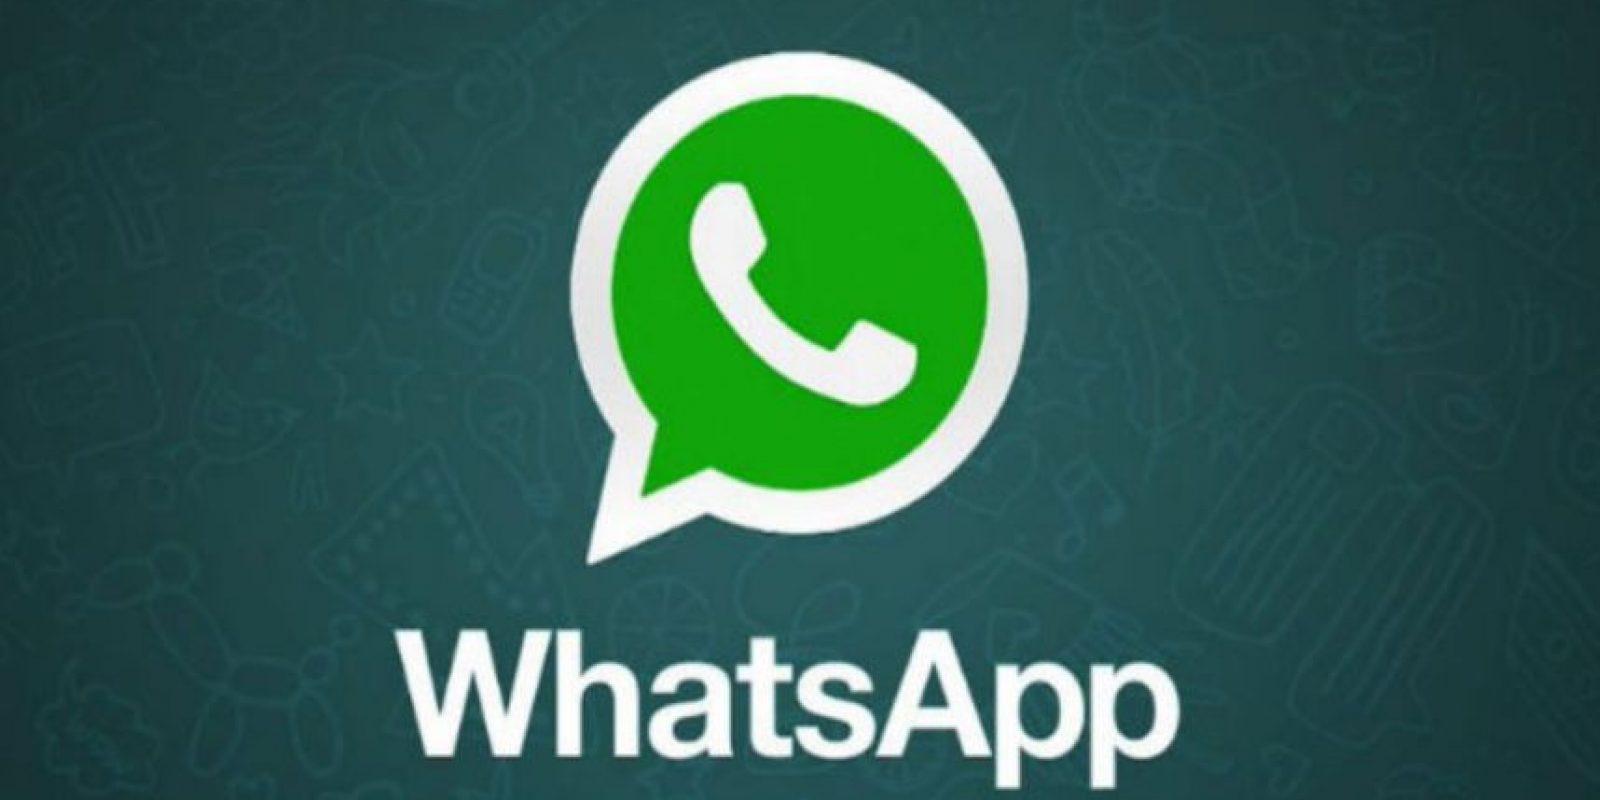 En un principio, la aplicación solo era de mensajes de texto Foto:WhatsApp